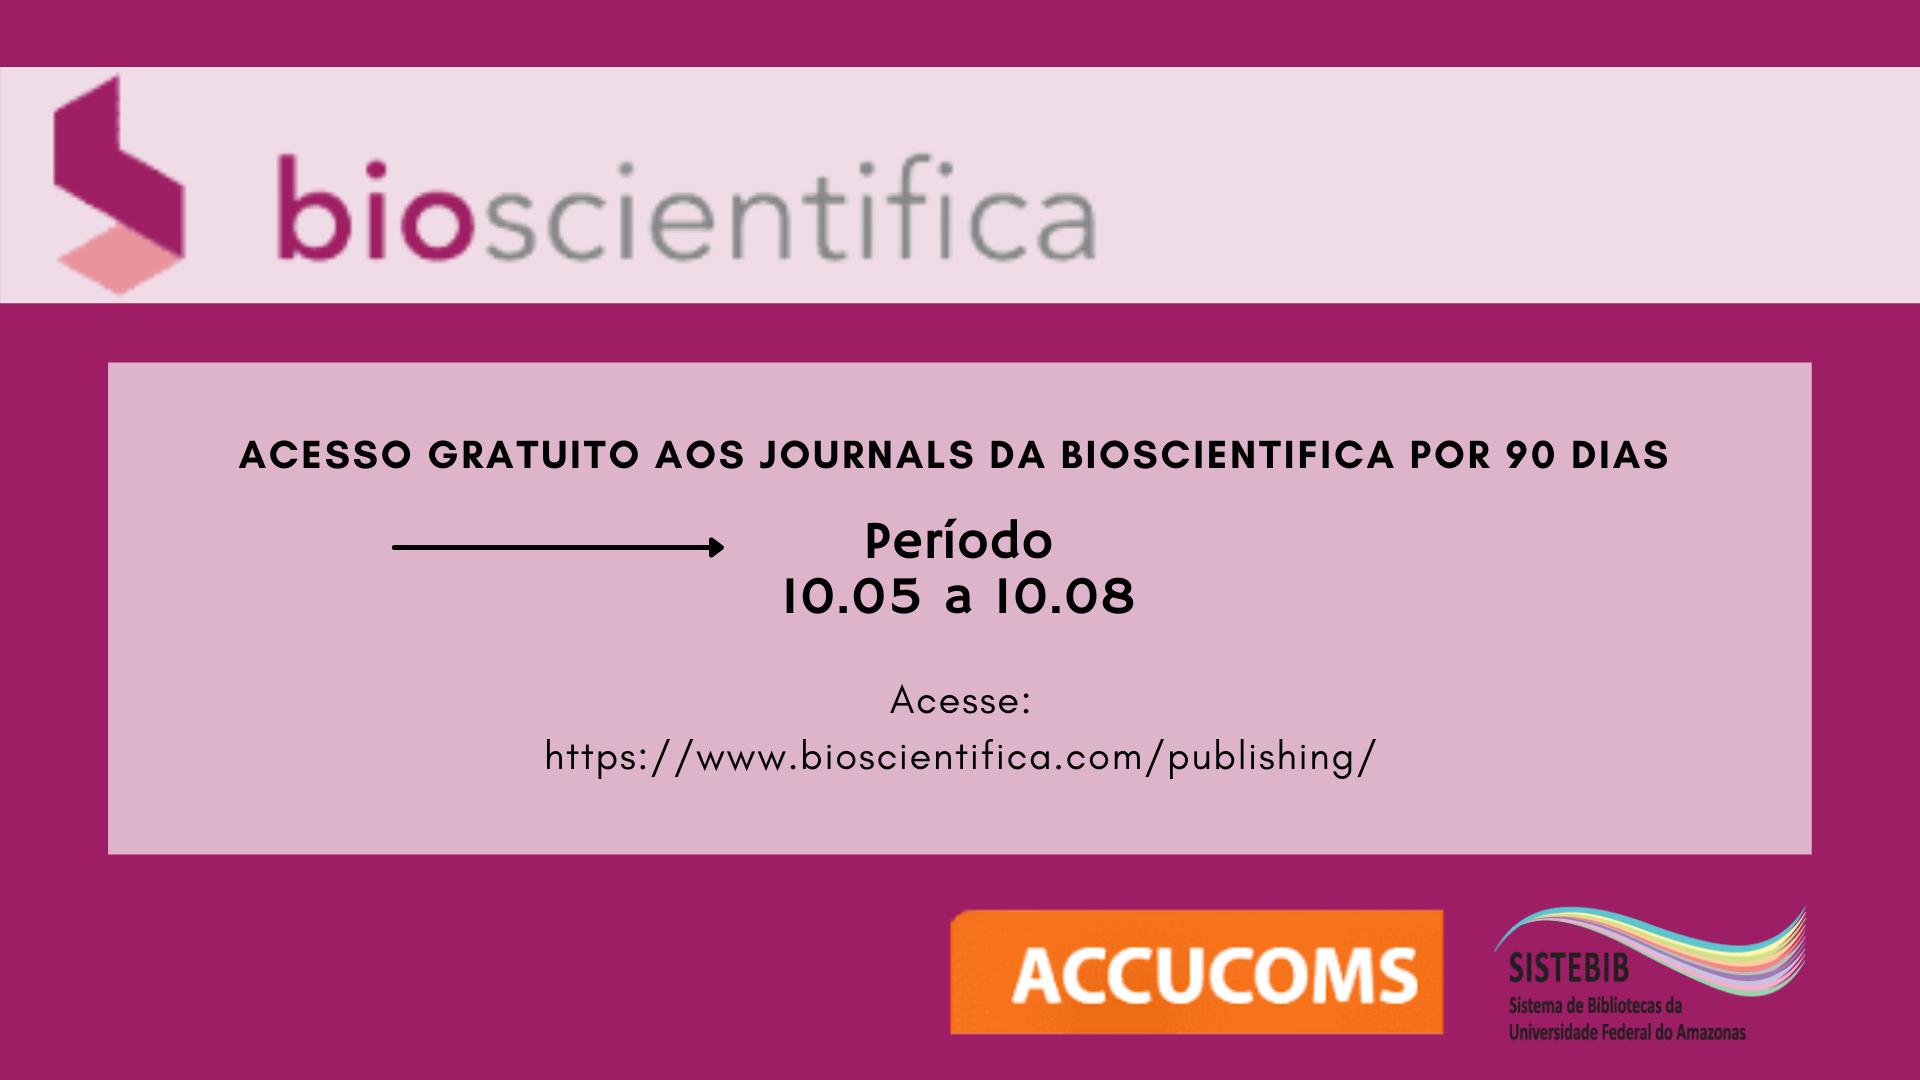 ACESSO GRATUITO AOS JOURNALS DA BIOSCIENTIFICA POR 90 DIAS